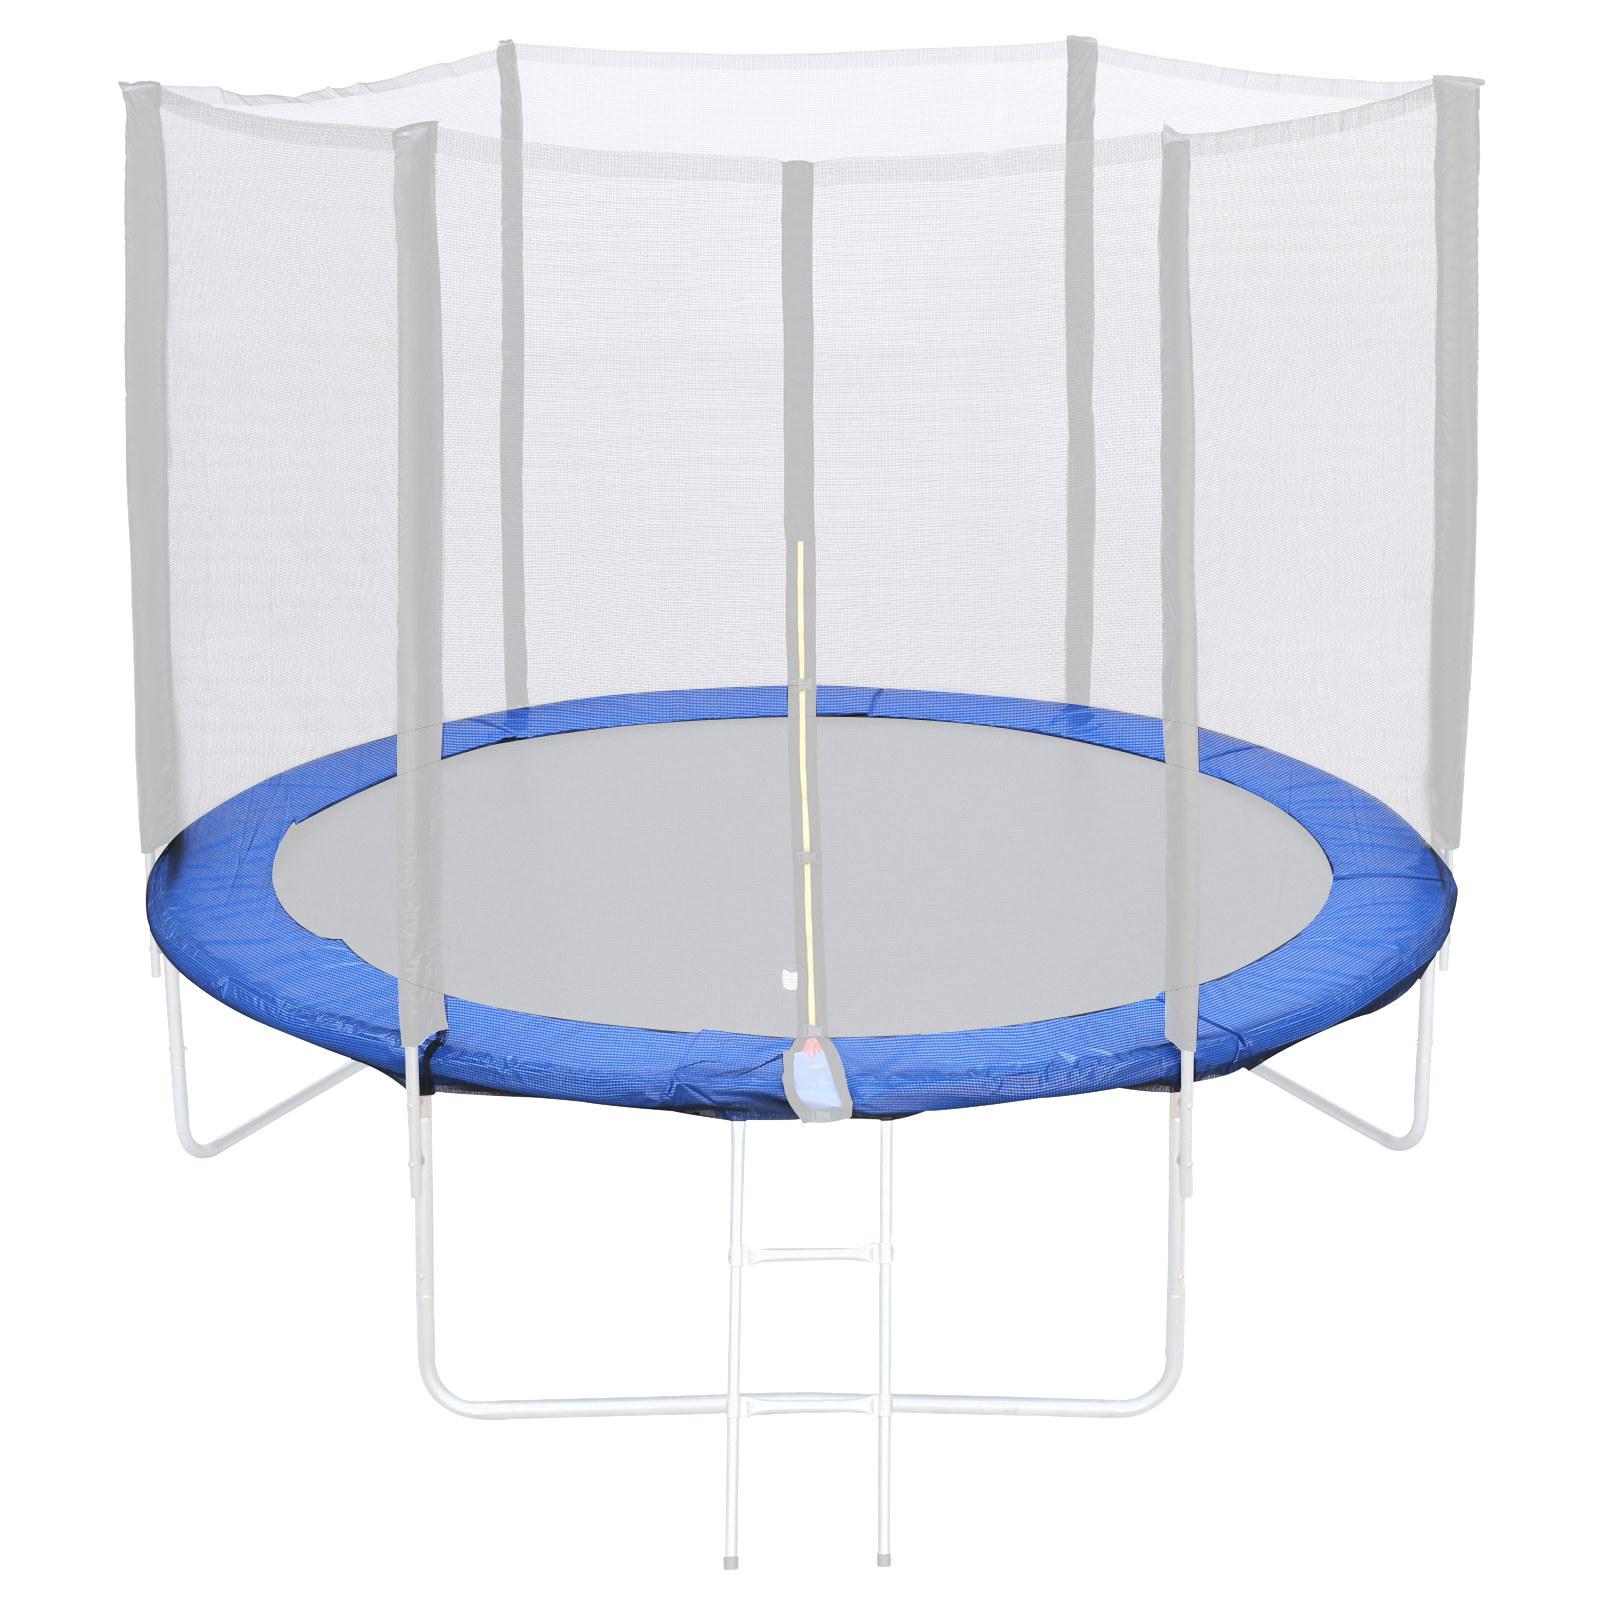 Cubierta-Protectora-para-Borde-de-Cama-Elastica-Trampolin-3-Medidas-Opcionales miniatura 12